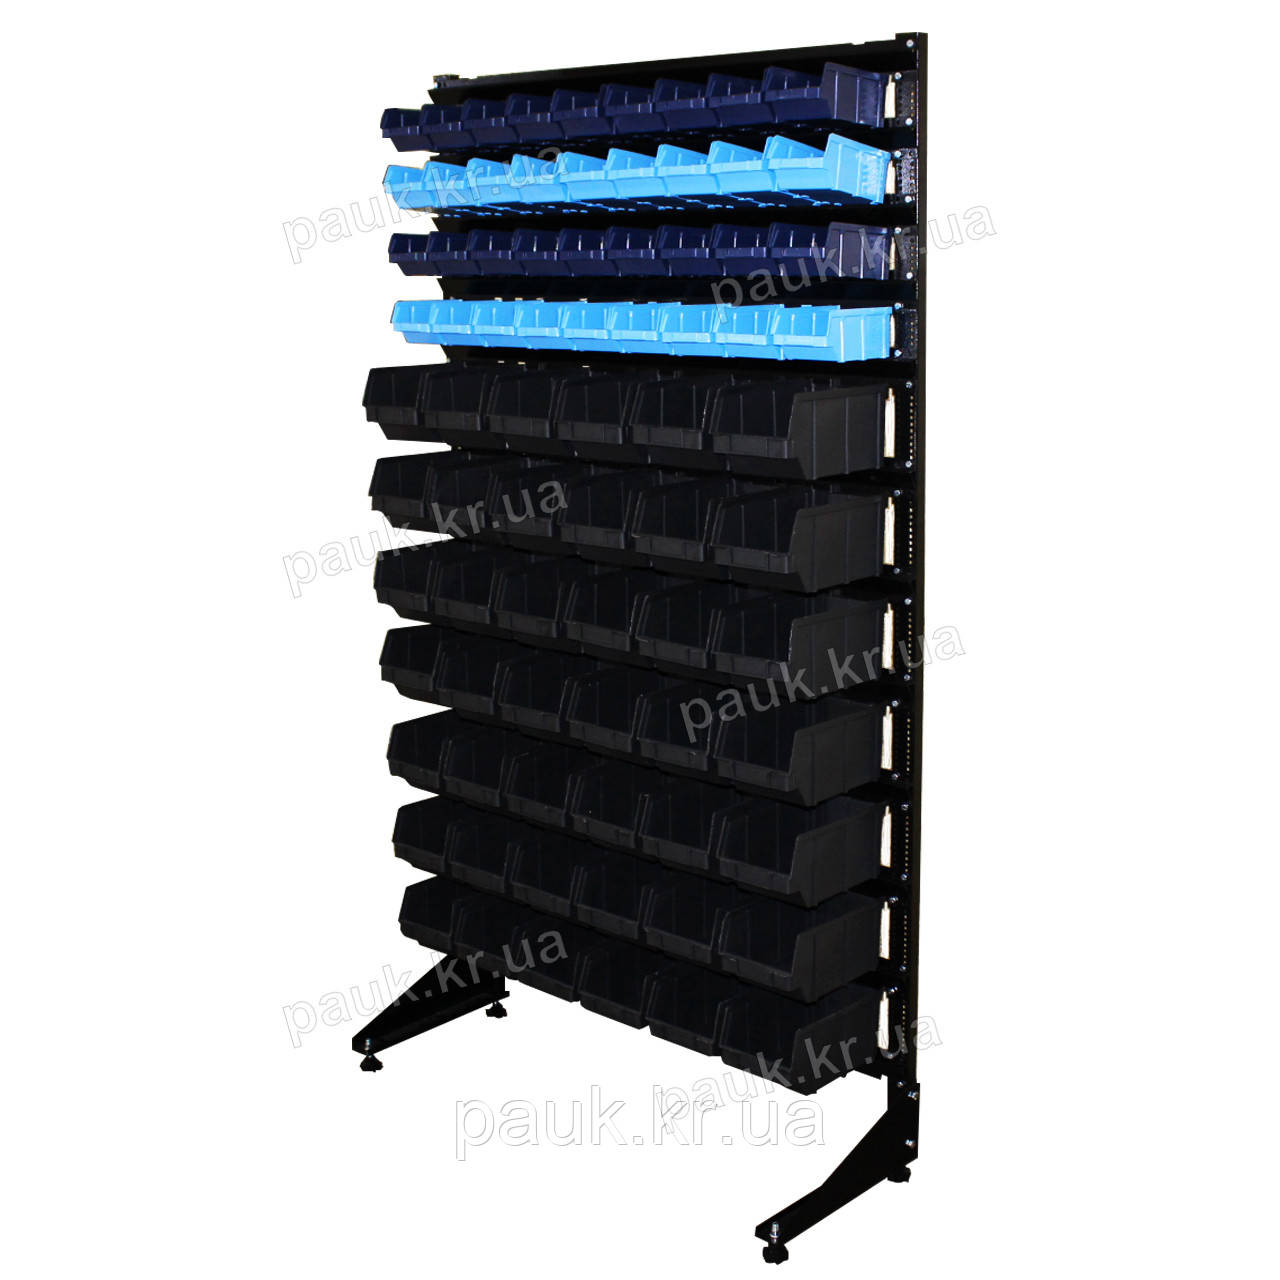 Торговая стойка с ящиками 1800 мм 78 ящика, стеллаж метизный односторонний В/С